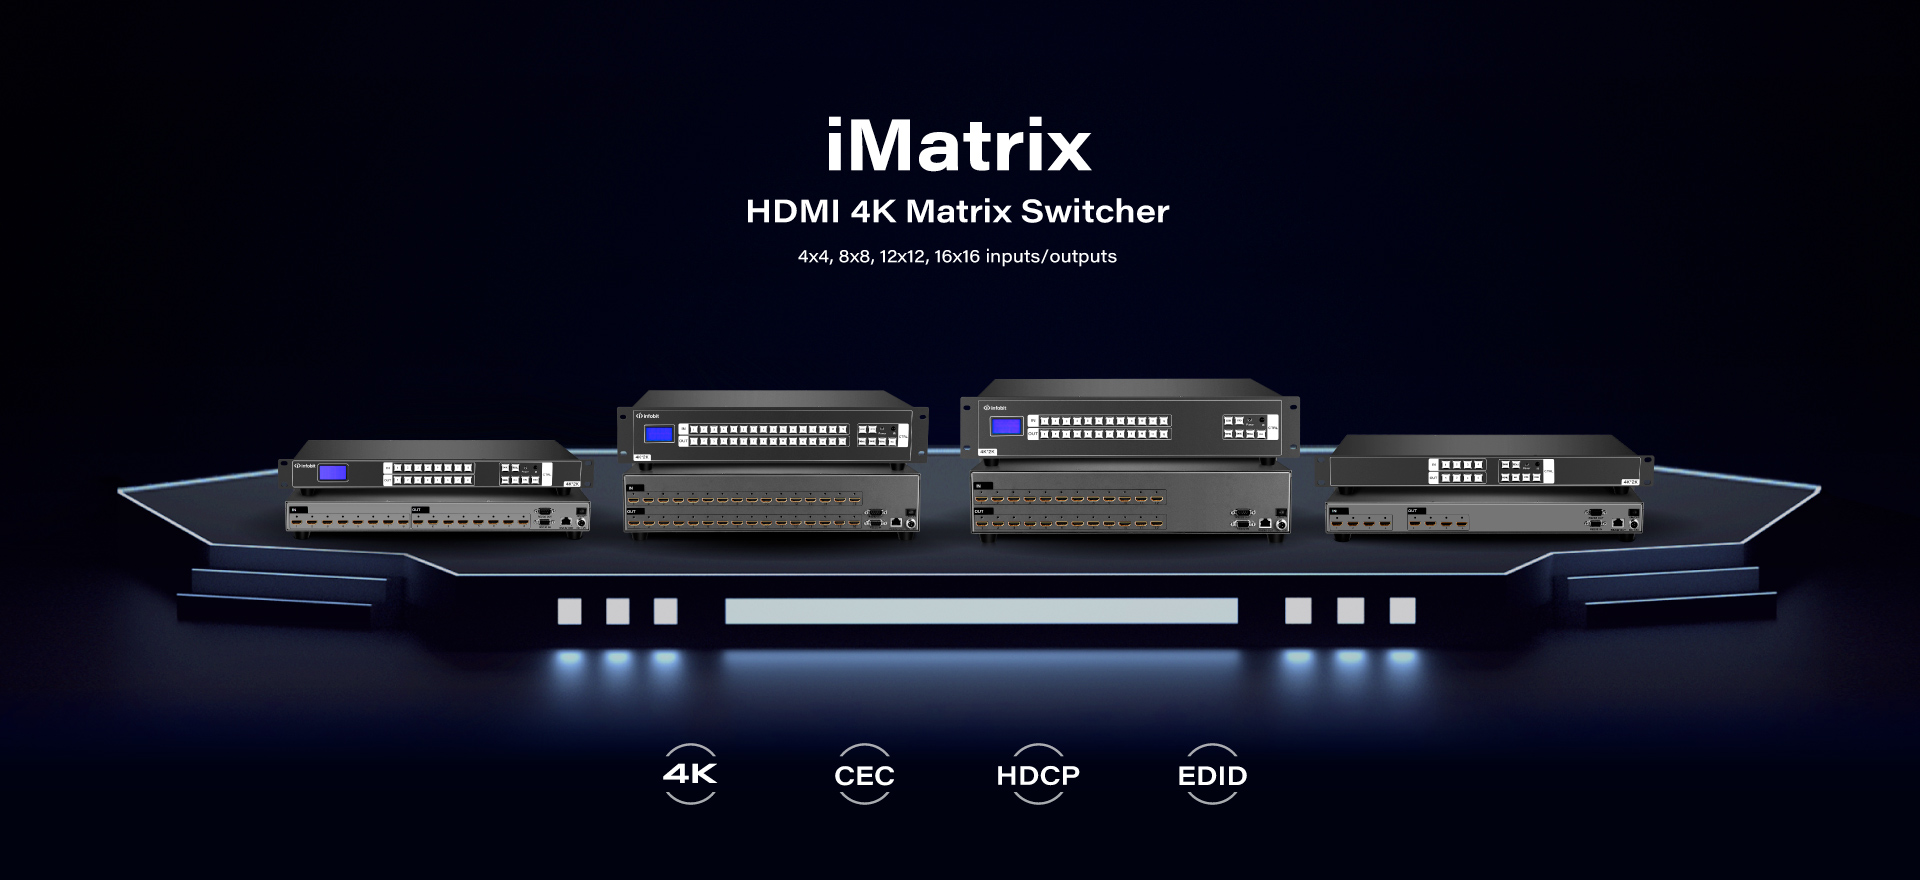 iMatrix-HDMI-4k-matrix-switcher